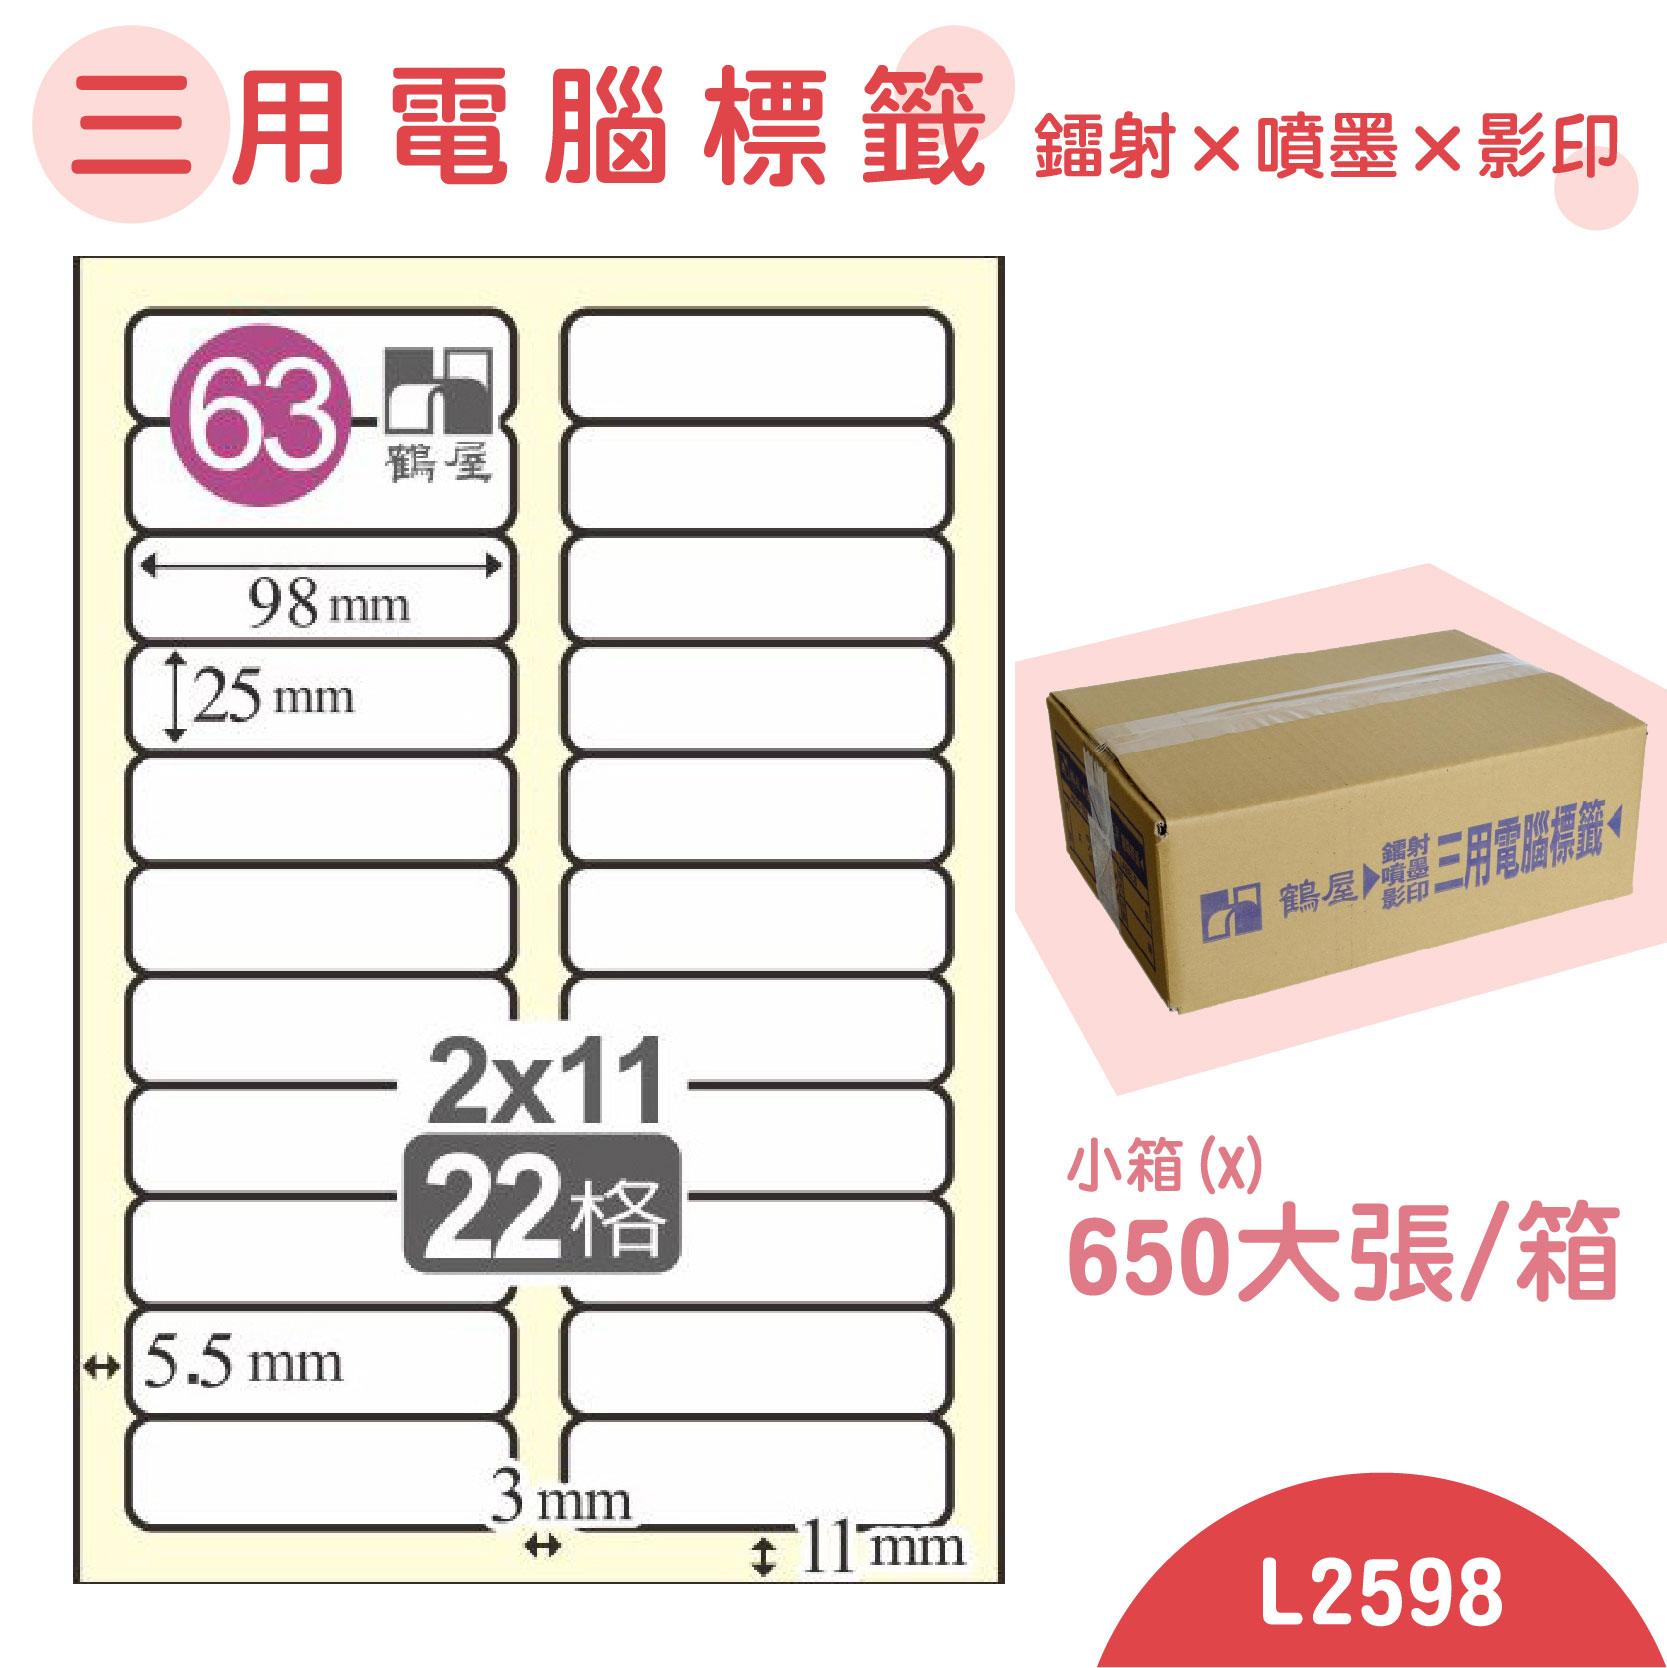 電腦標籤紙(鶴屋) 白色 L2598 22格 650大張/小箱 影印 雷射 噴墨 三用 標籤 貼紙 信封 光碟 名條